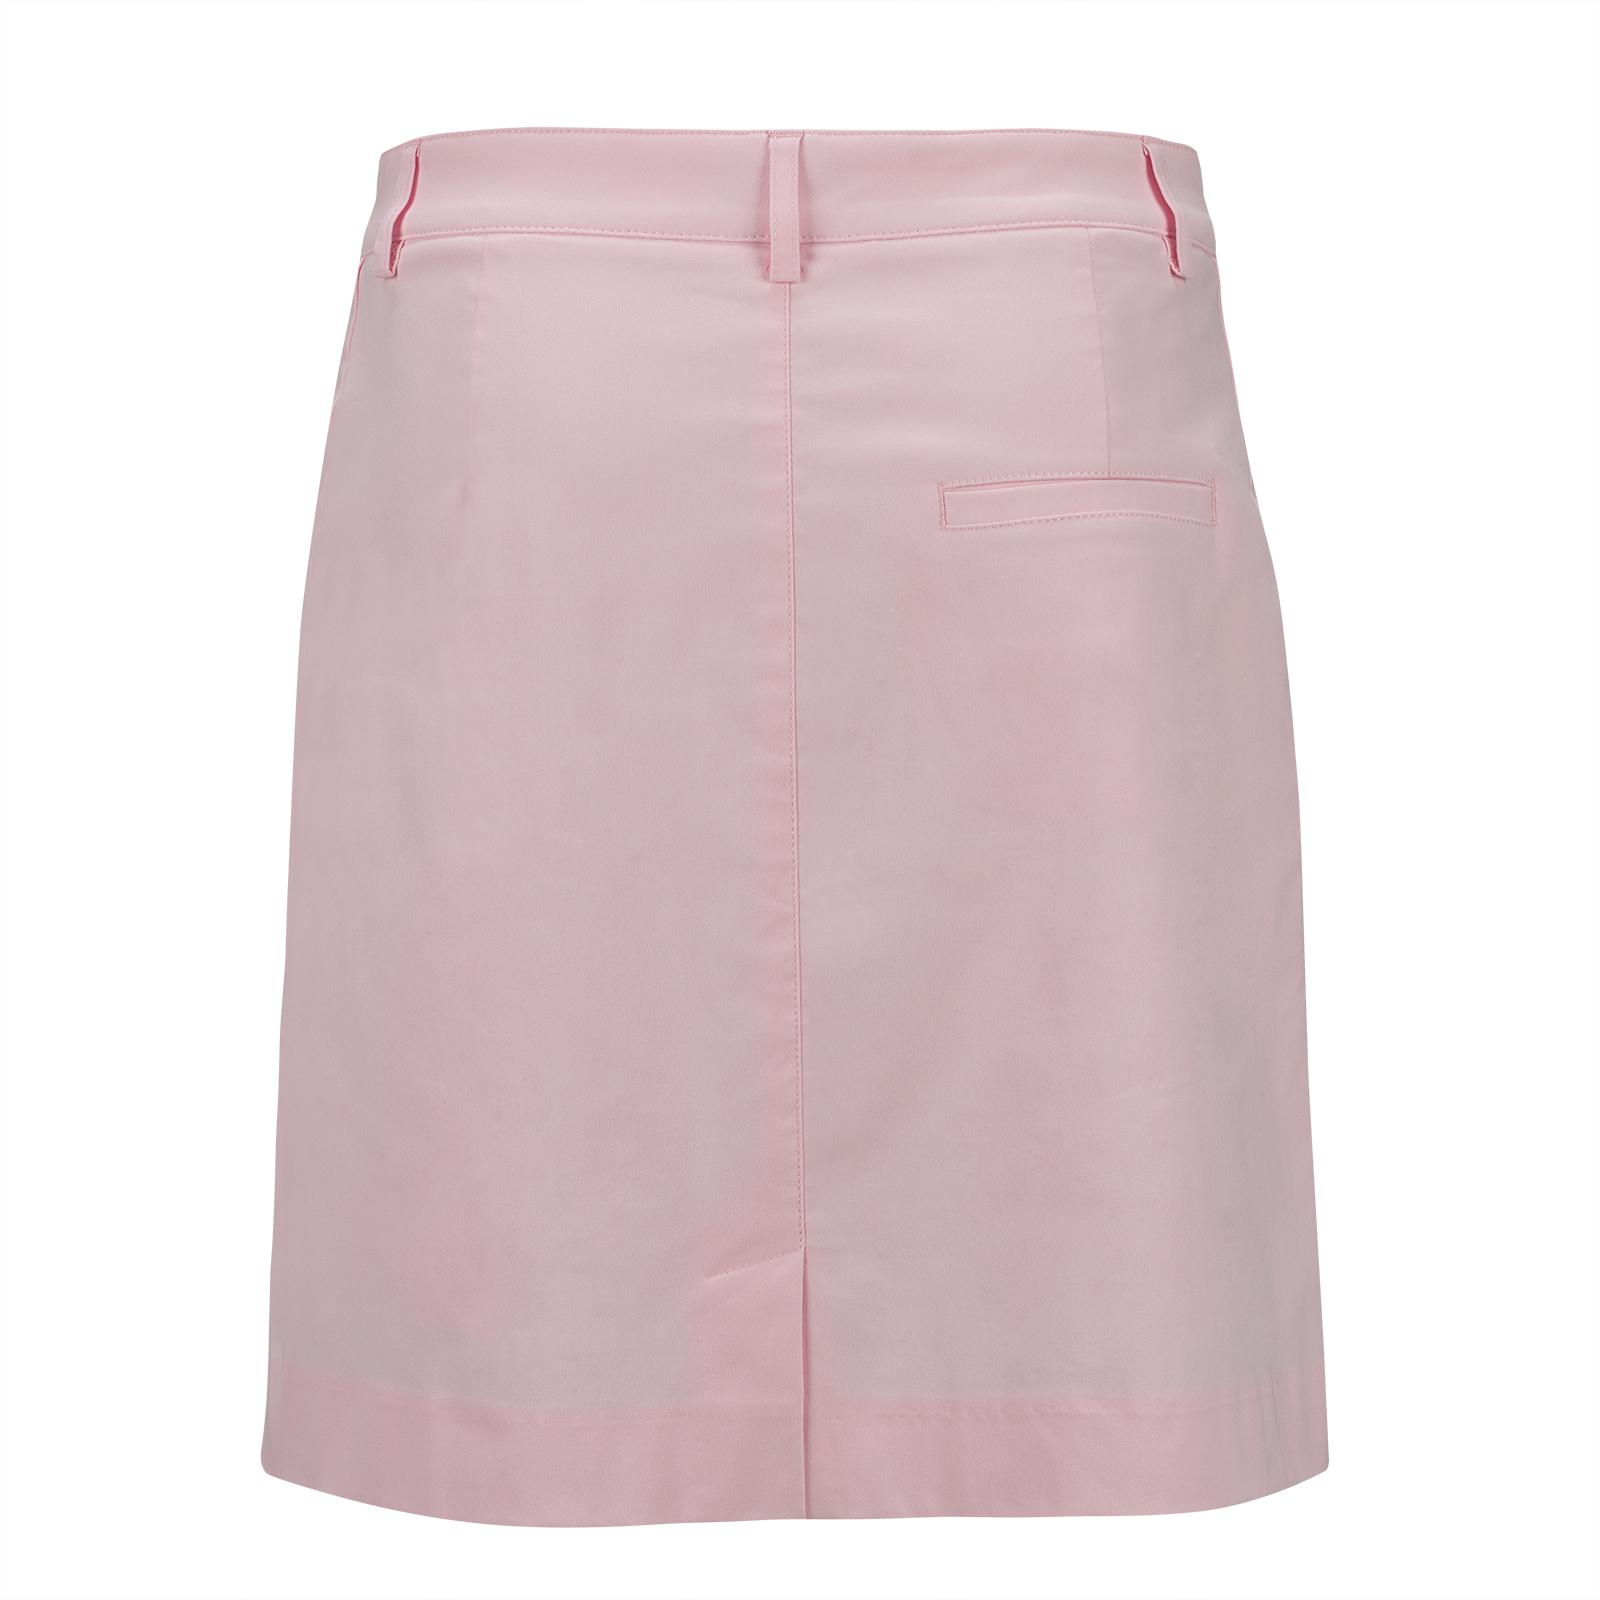 Cotton-Blend Damen Medium Golfskort mit innenliegenden Shorts